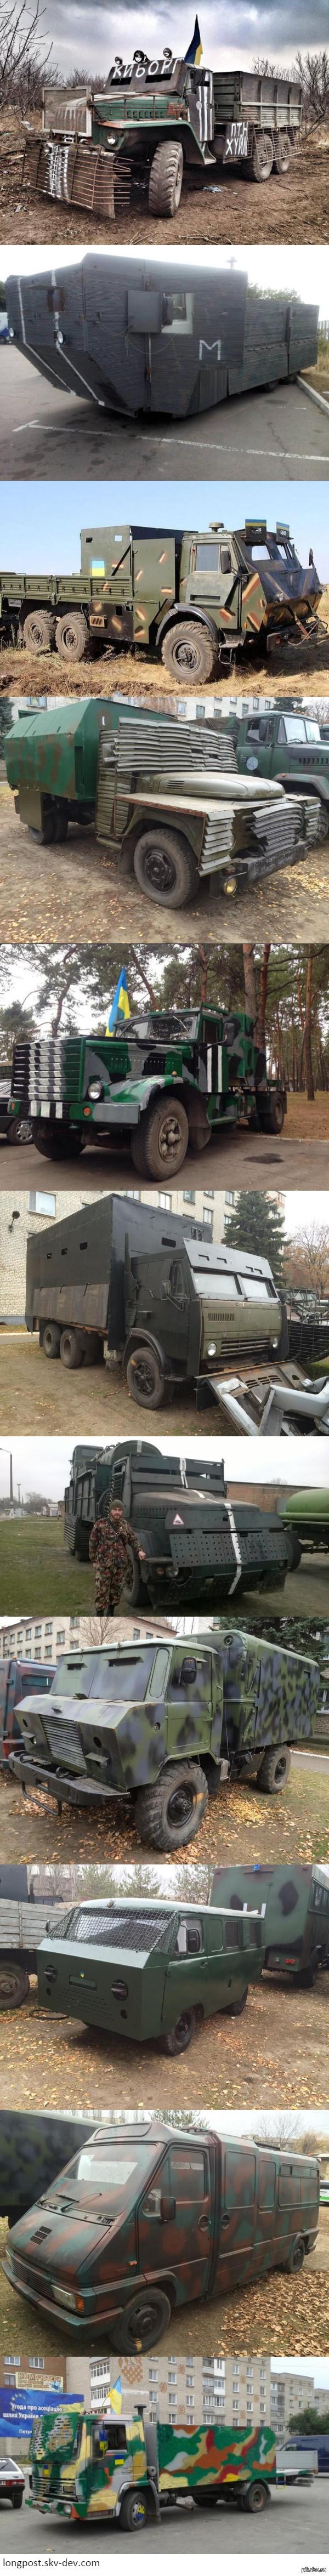 Свежие образцы украинского автопрома. К зомби апокалипсису готовятся.